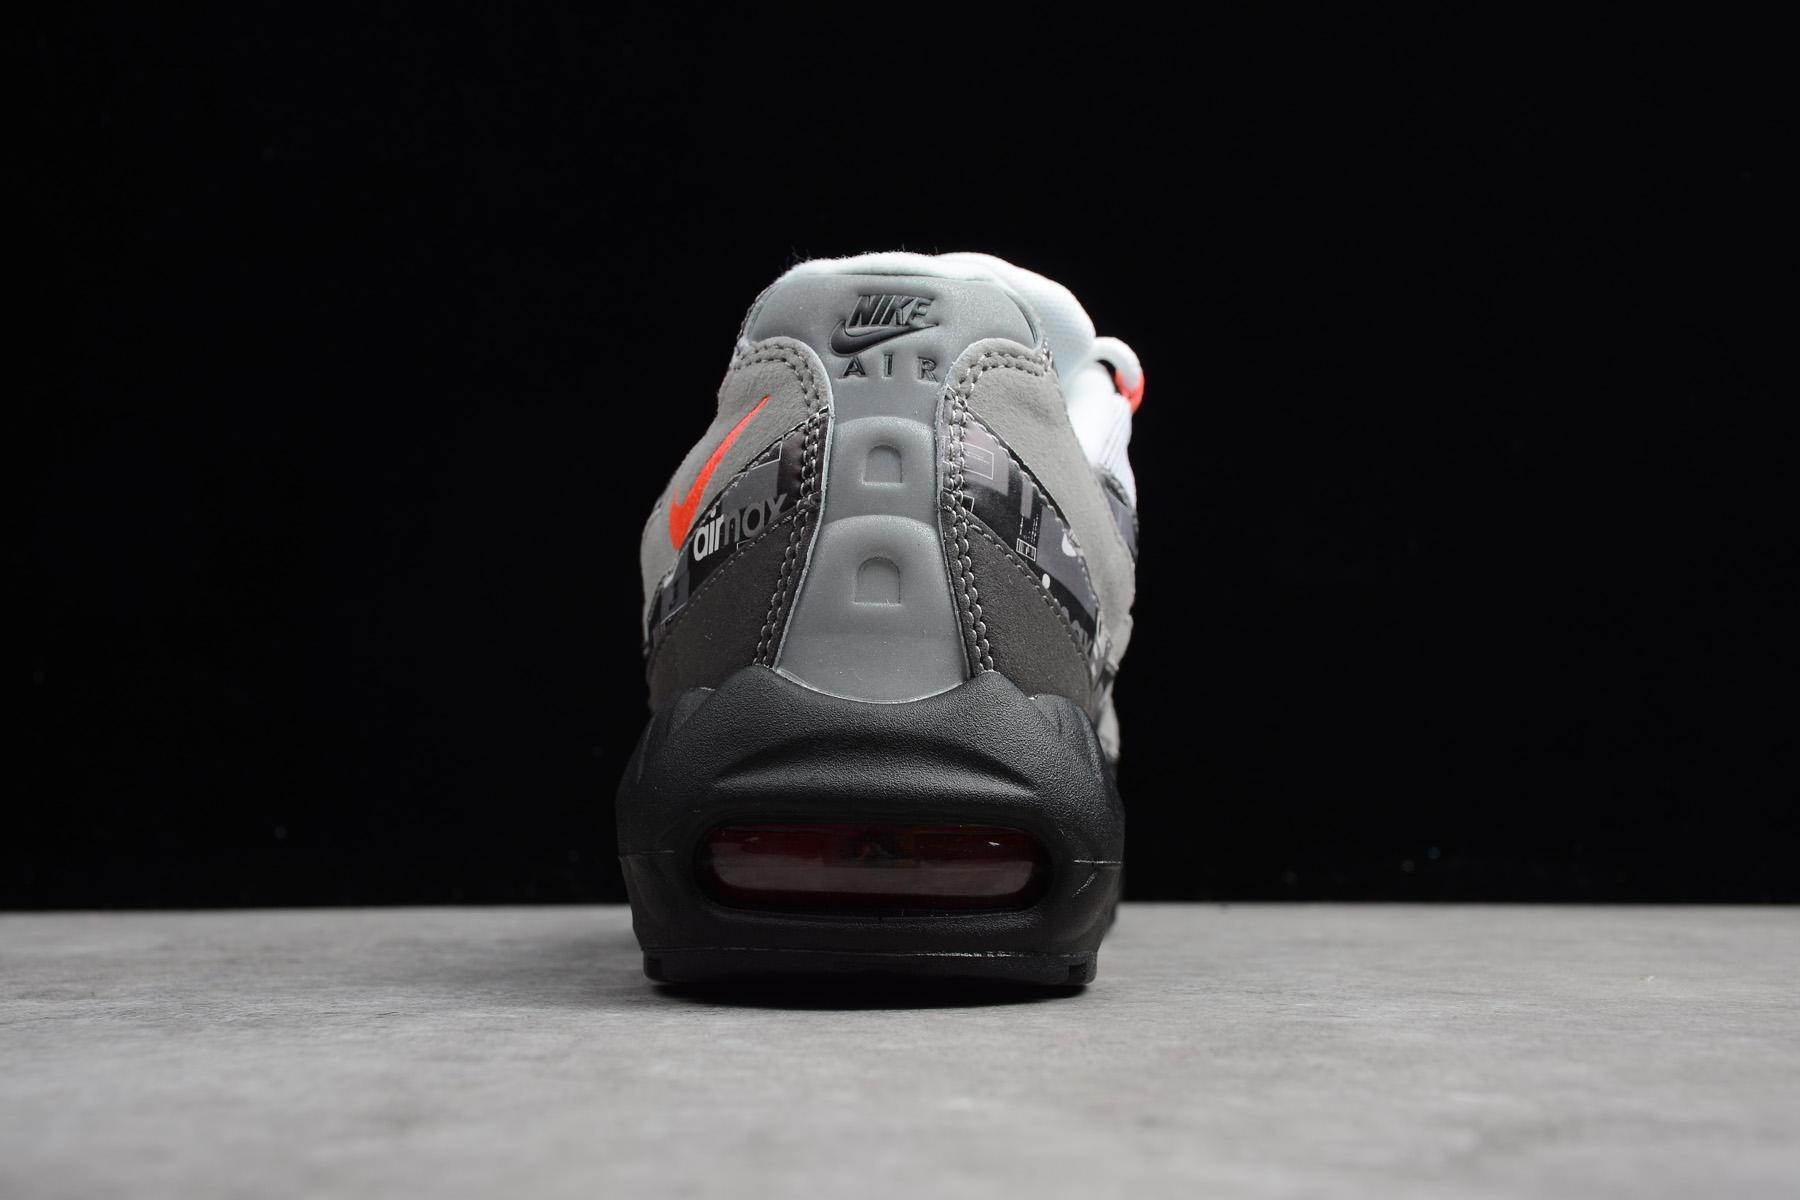 Air Max 95 Atmos We Love Nike (Bright Crimson)-6